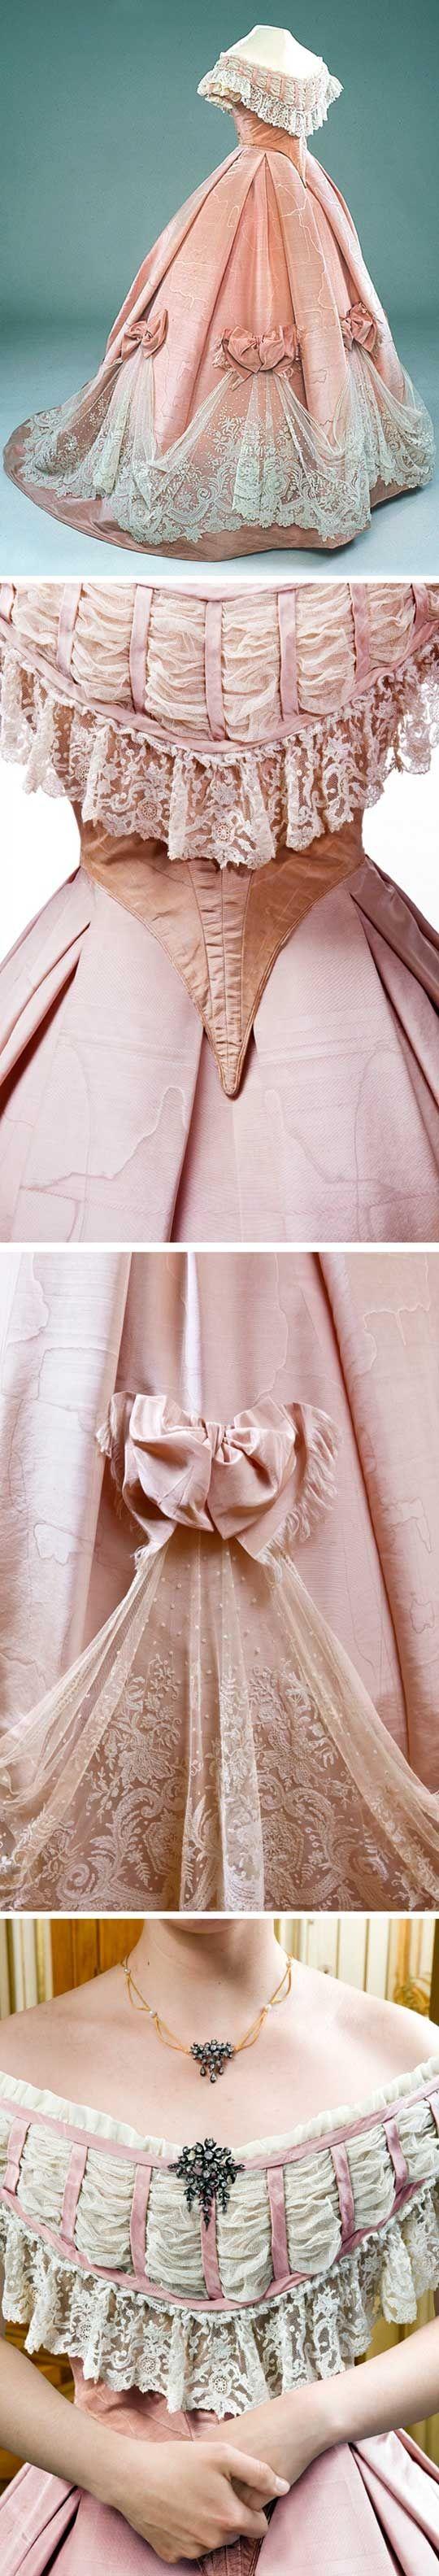 Robe, boudoir, princesse, légende, fantaisie, femme, baroque, chapeau, dentelle 1860